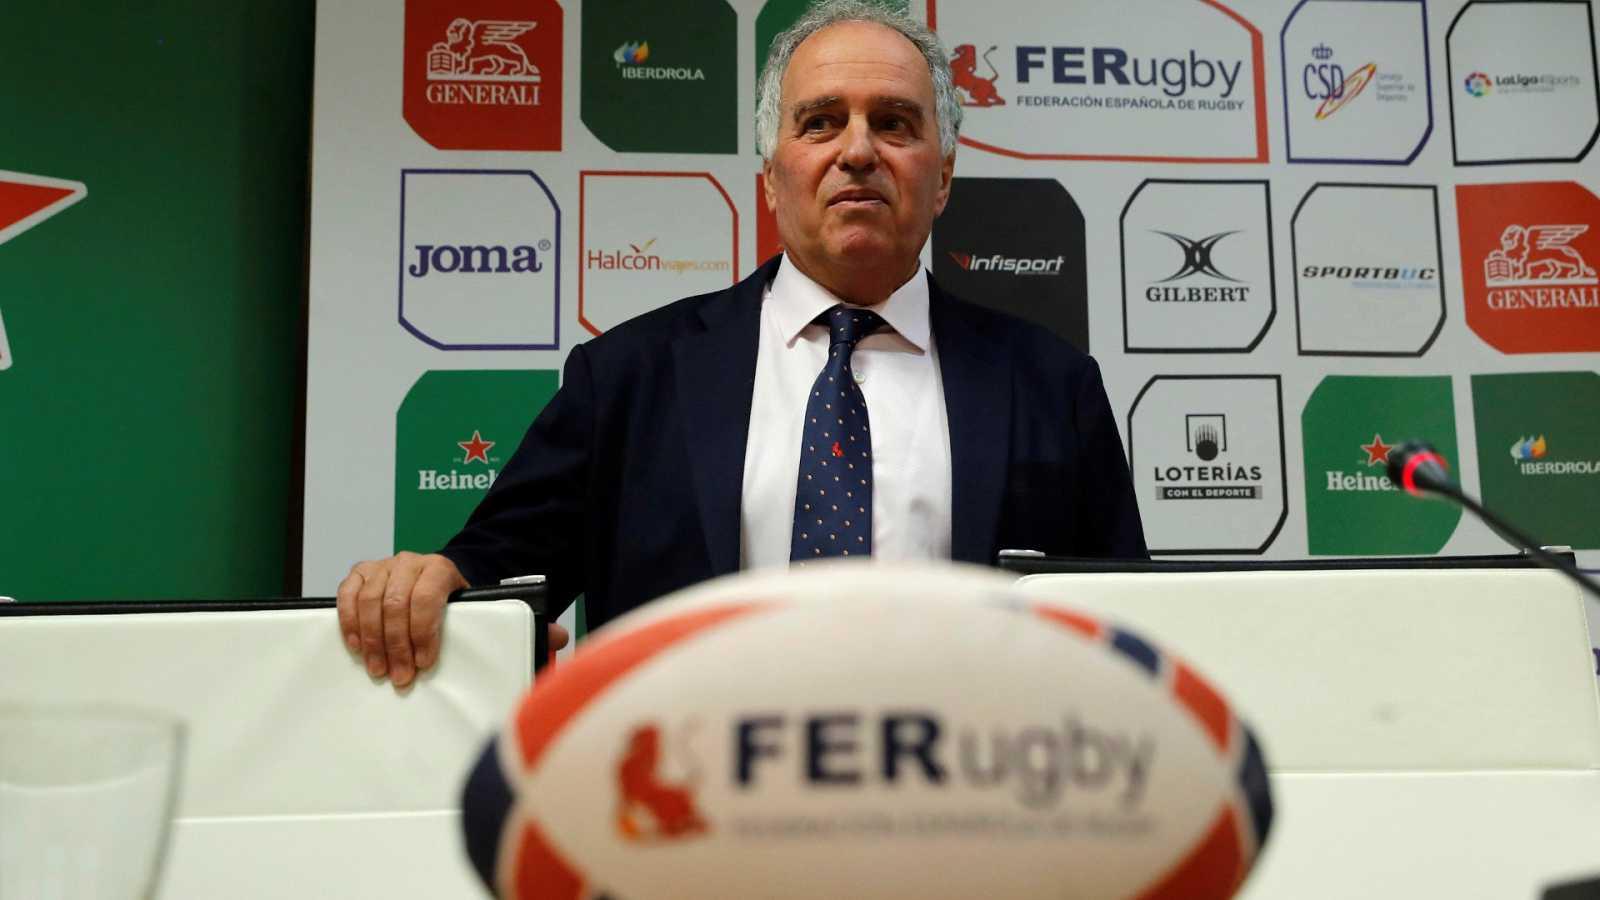 Alfonso Feijoo, reelegido presidente de la Federación Española de Rugby